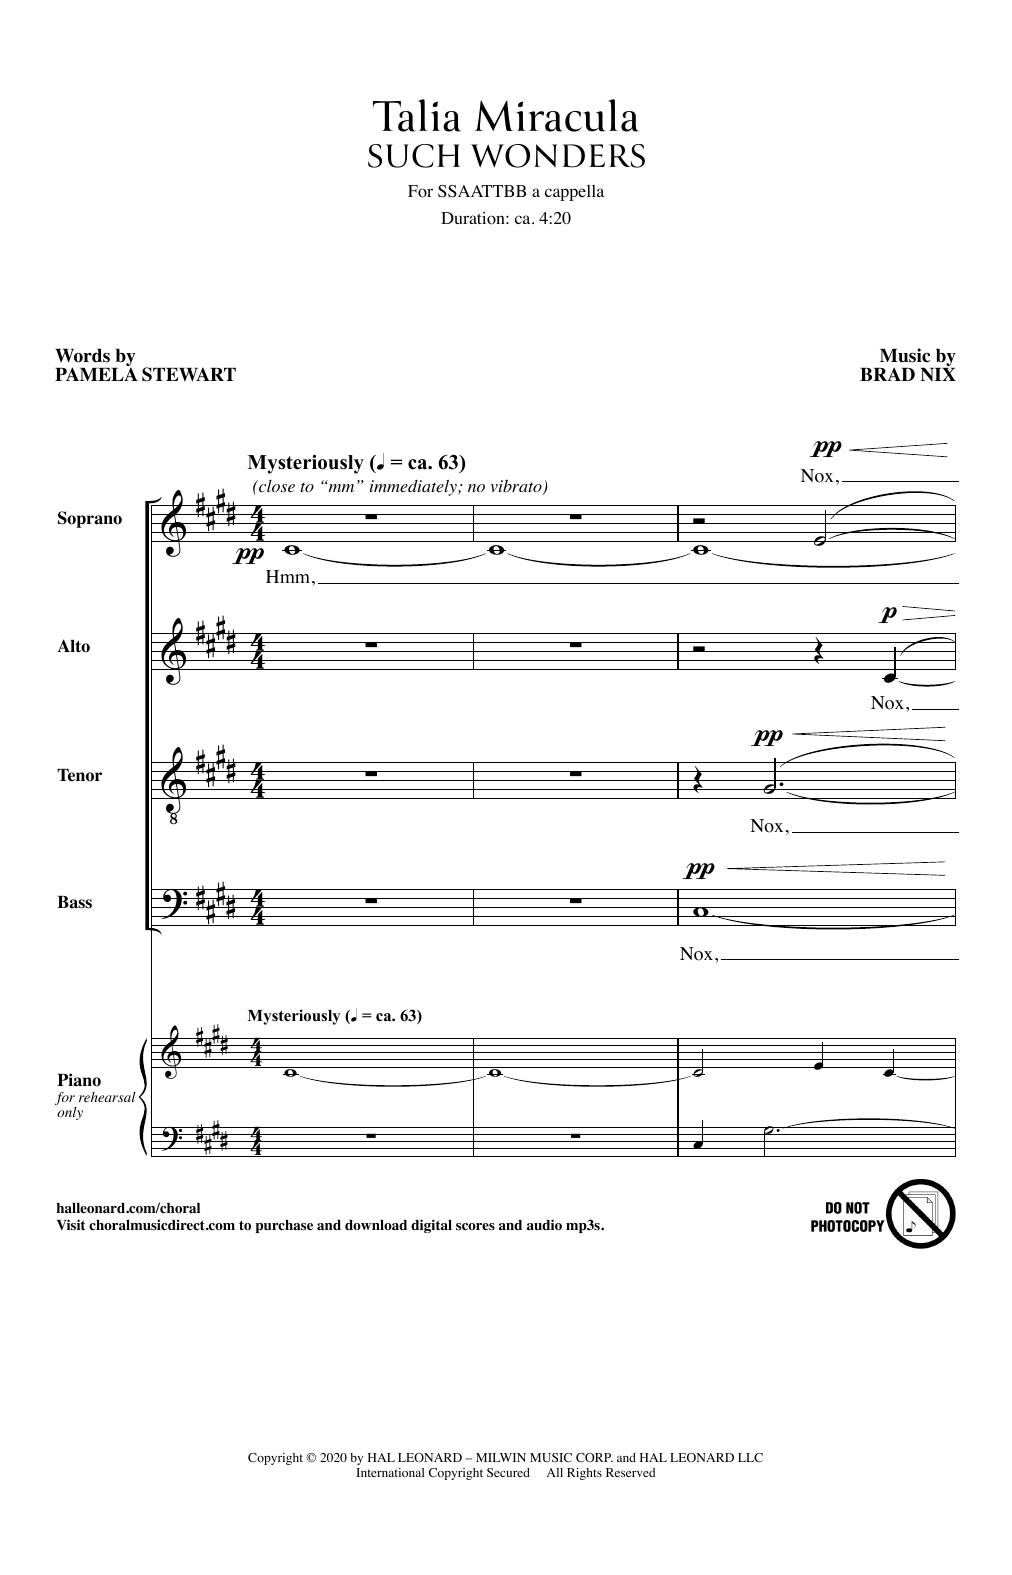 Talia Miracula (Such Wonders) (SSAATTBB Choir)